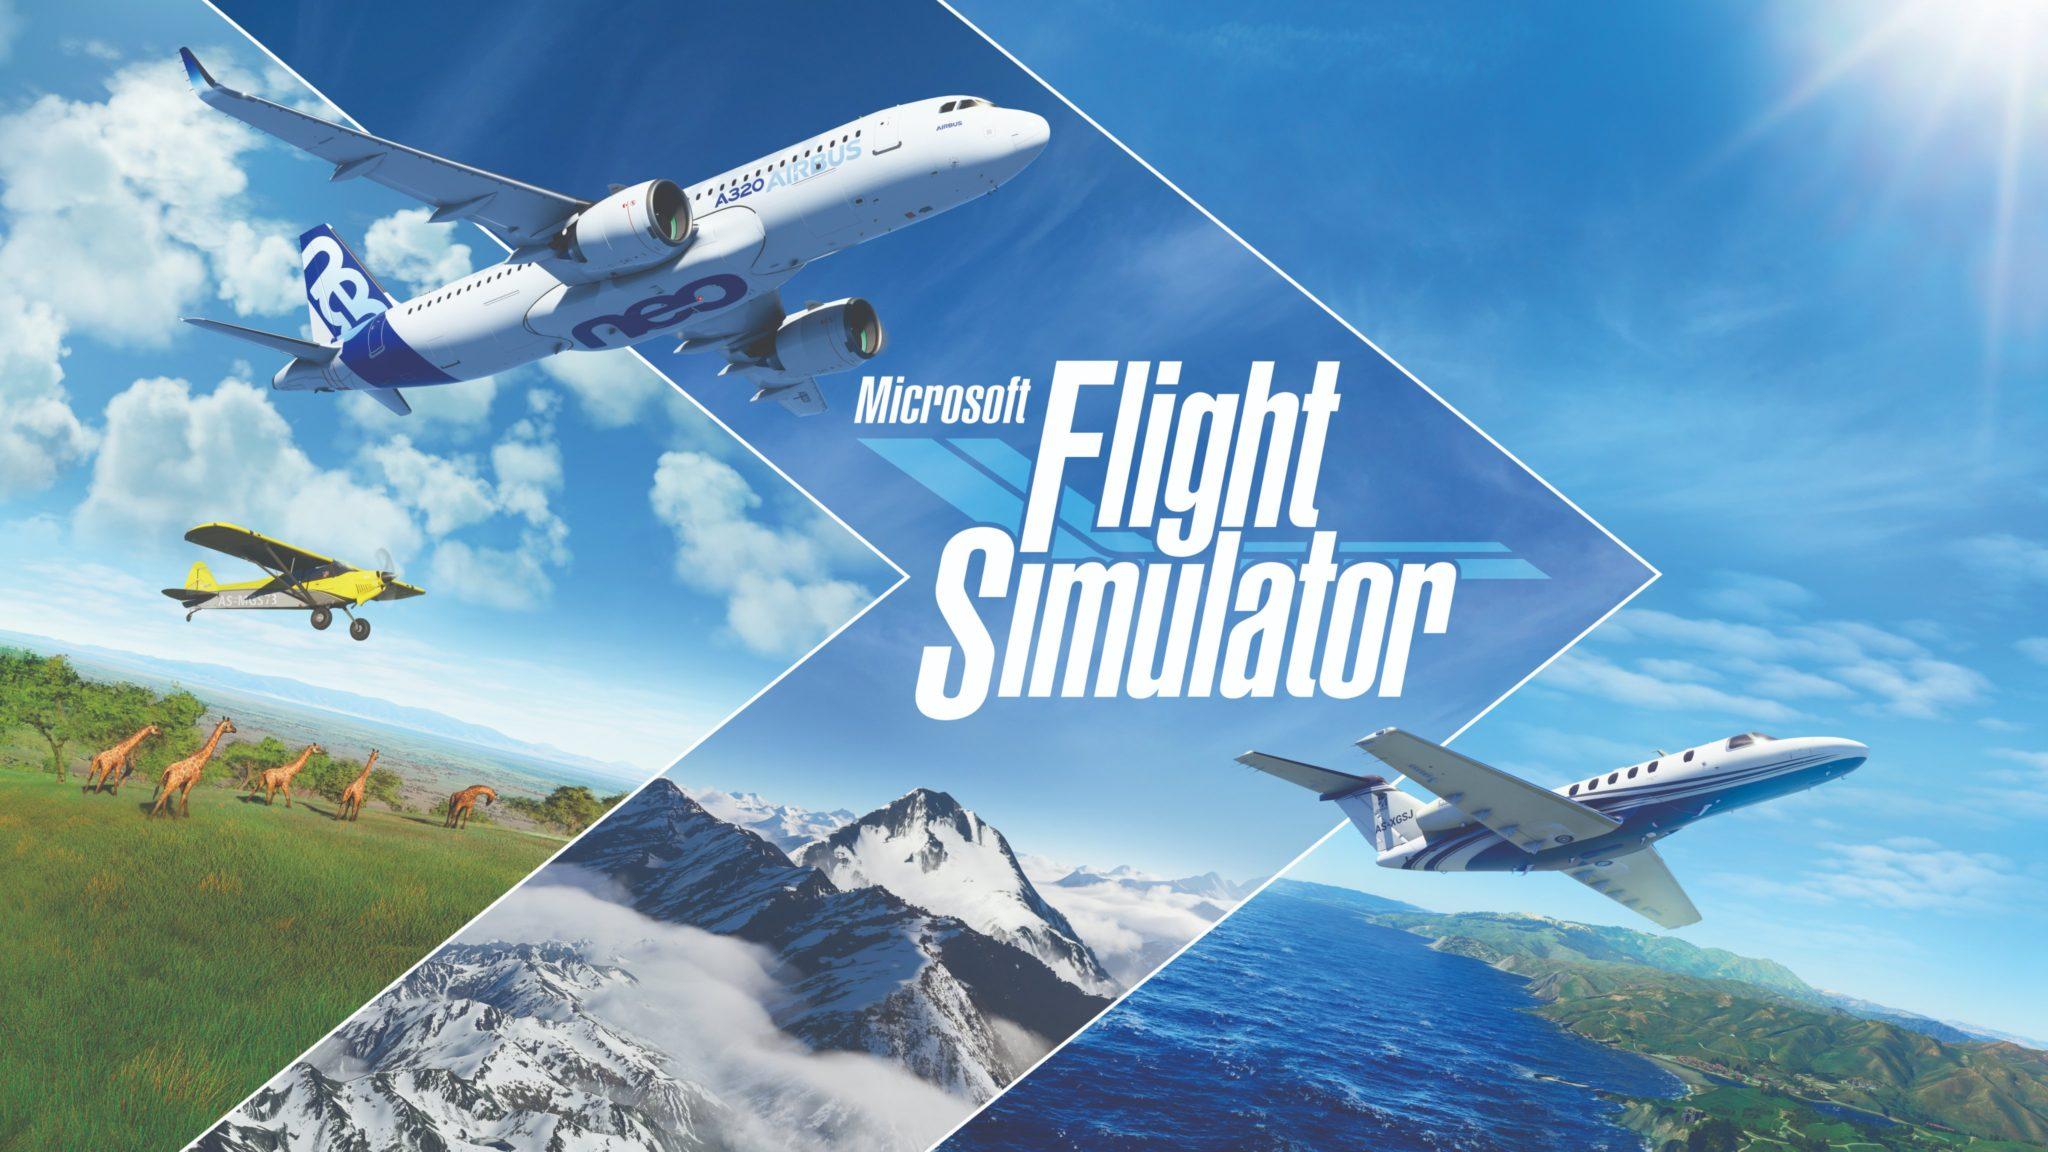 《微软飞行模拟》世界地图新增100多个欧洲地标